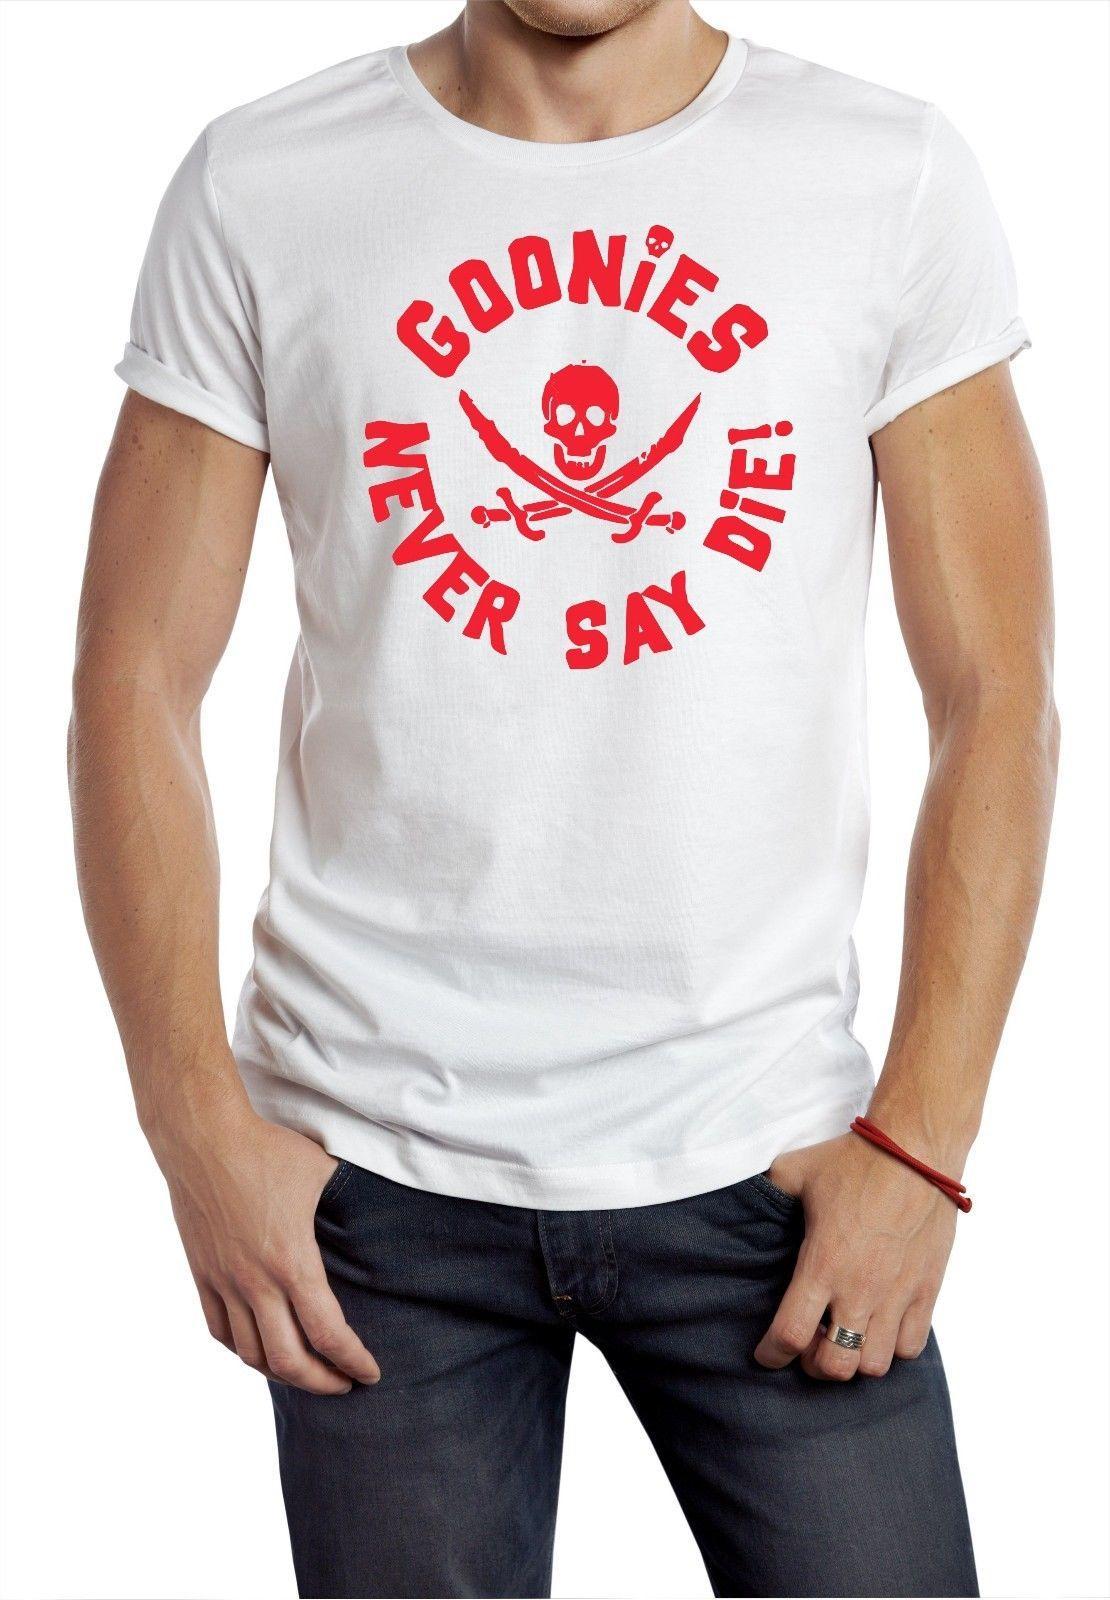 e9da48d2a Compre Goonies Camiseta Escudo Redondo Cráneo 80 S Película Retro Clásico  Fragmento Mikey Dorado Rojo Cool Casual Orgullo Camiseta Hombres Unisex A   13.91 ...